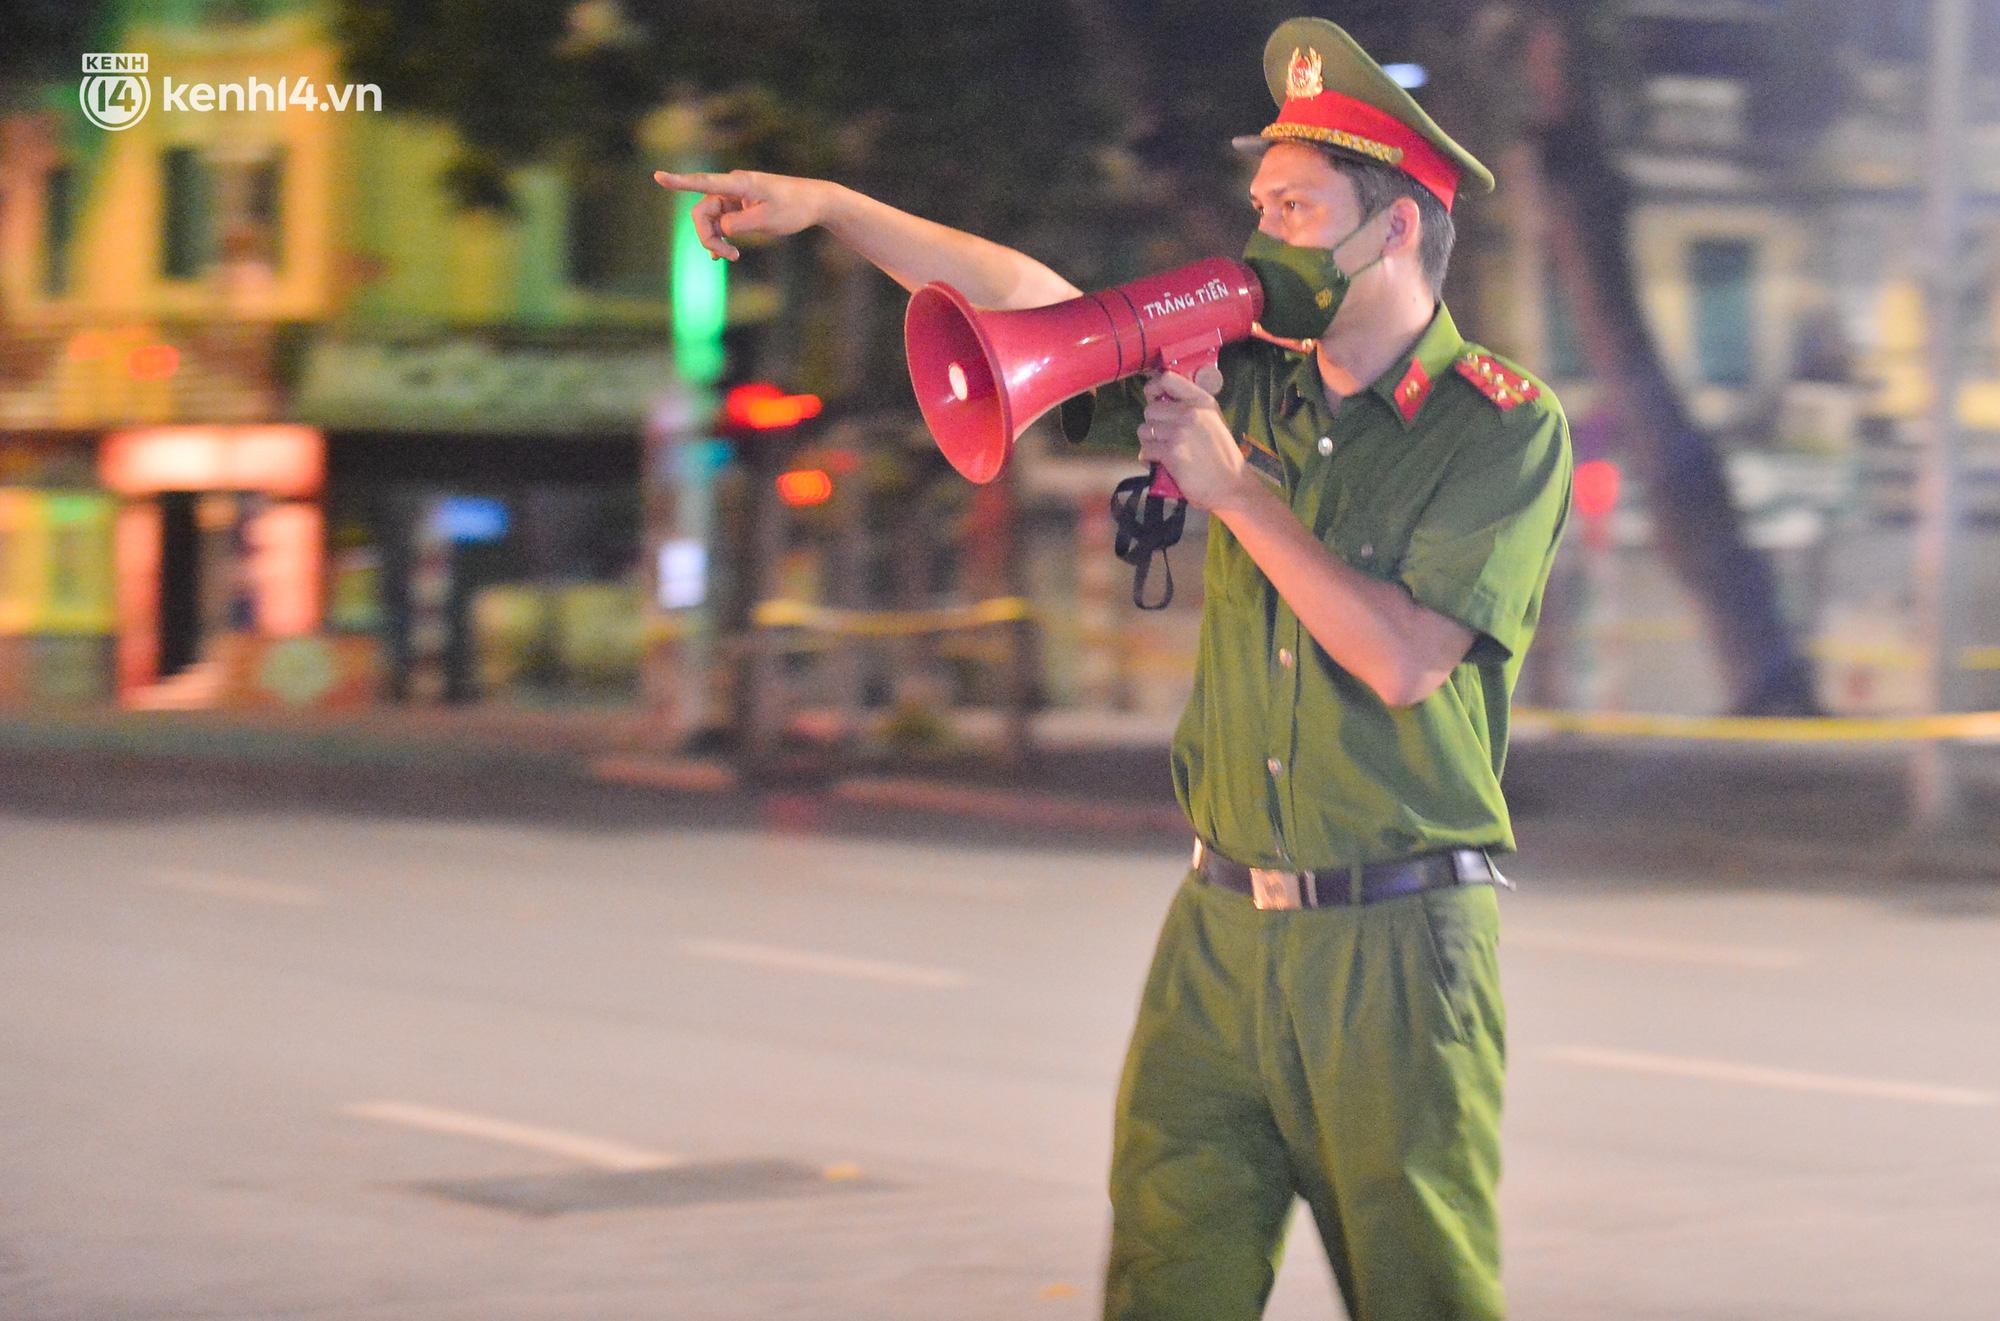 Hà Nội: Người dân né chốt, nửa đêm đến hồ Gươm tập thể dục dù công an canh gác xuyên đêm - Ảnh 5.